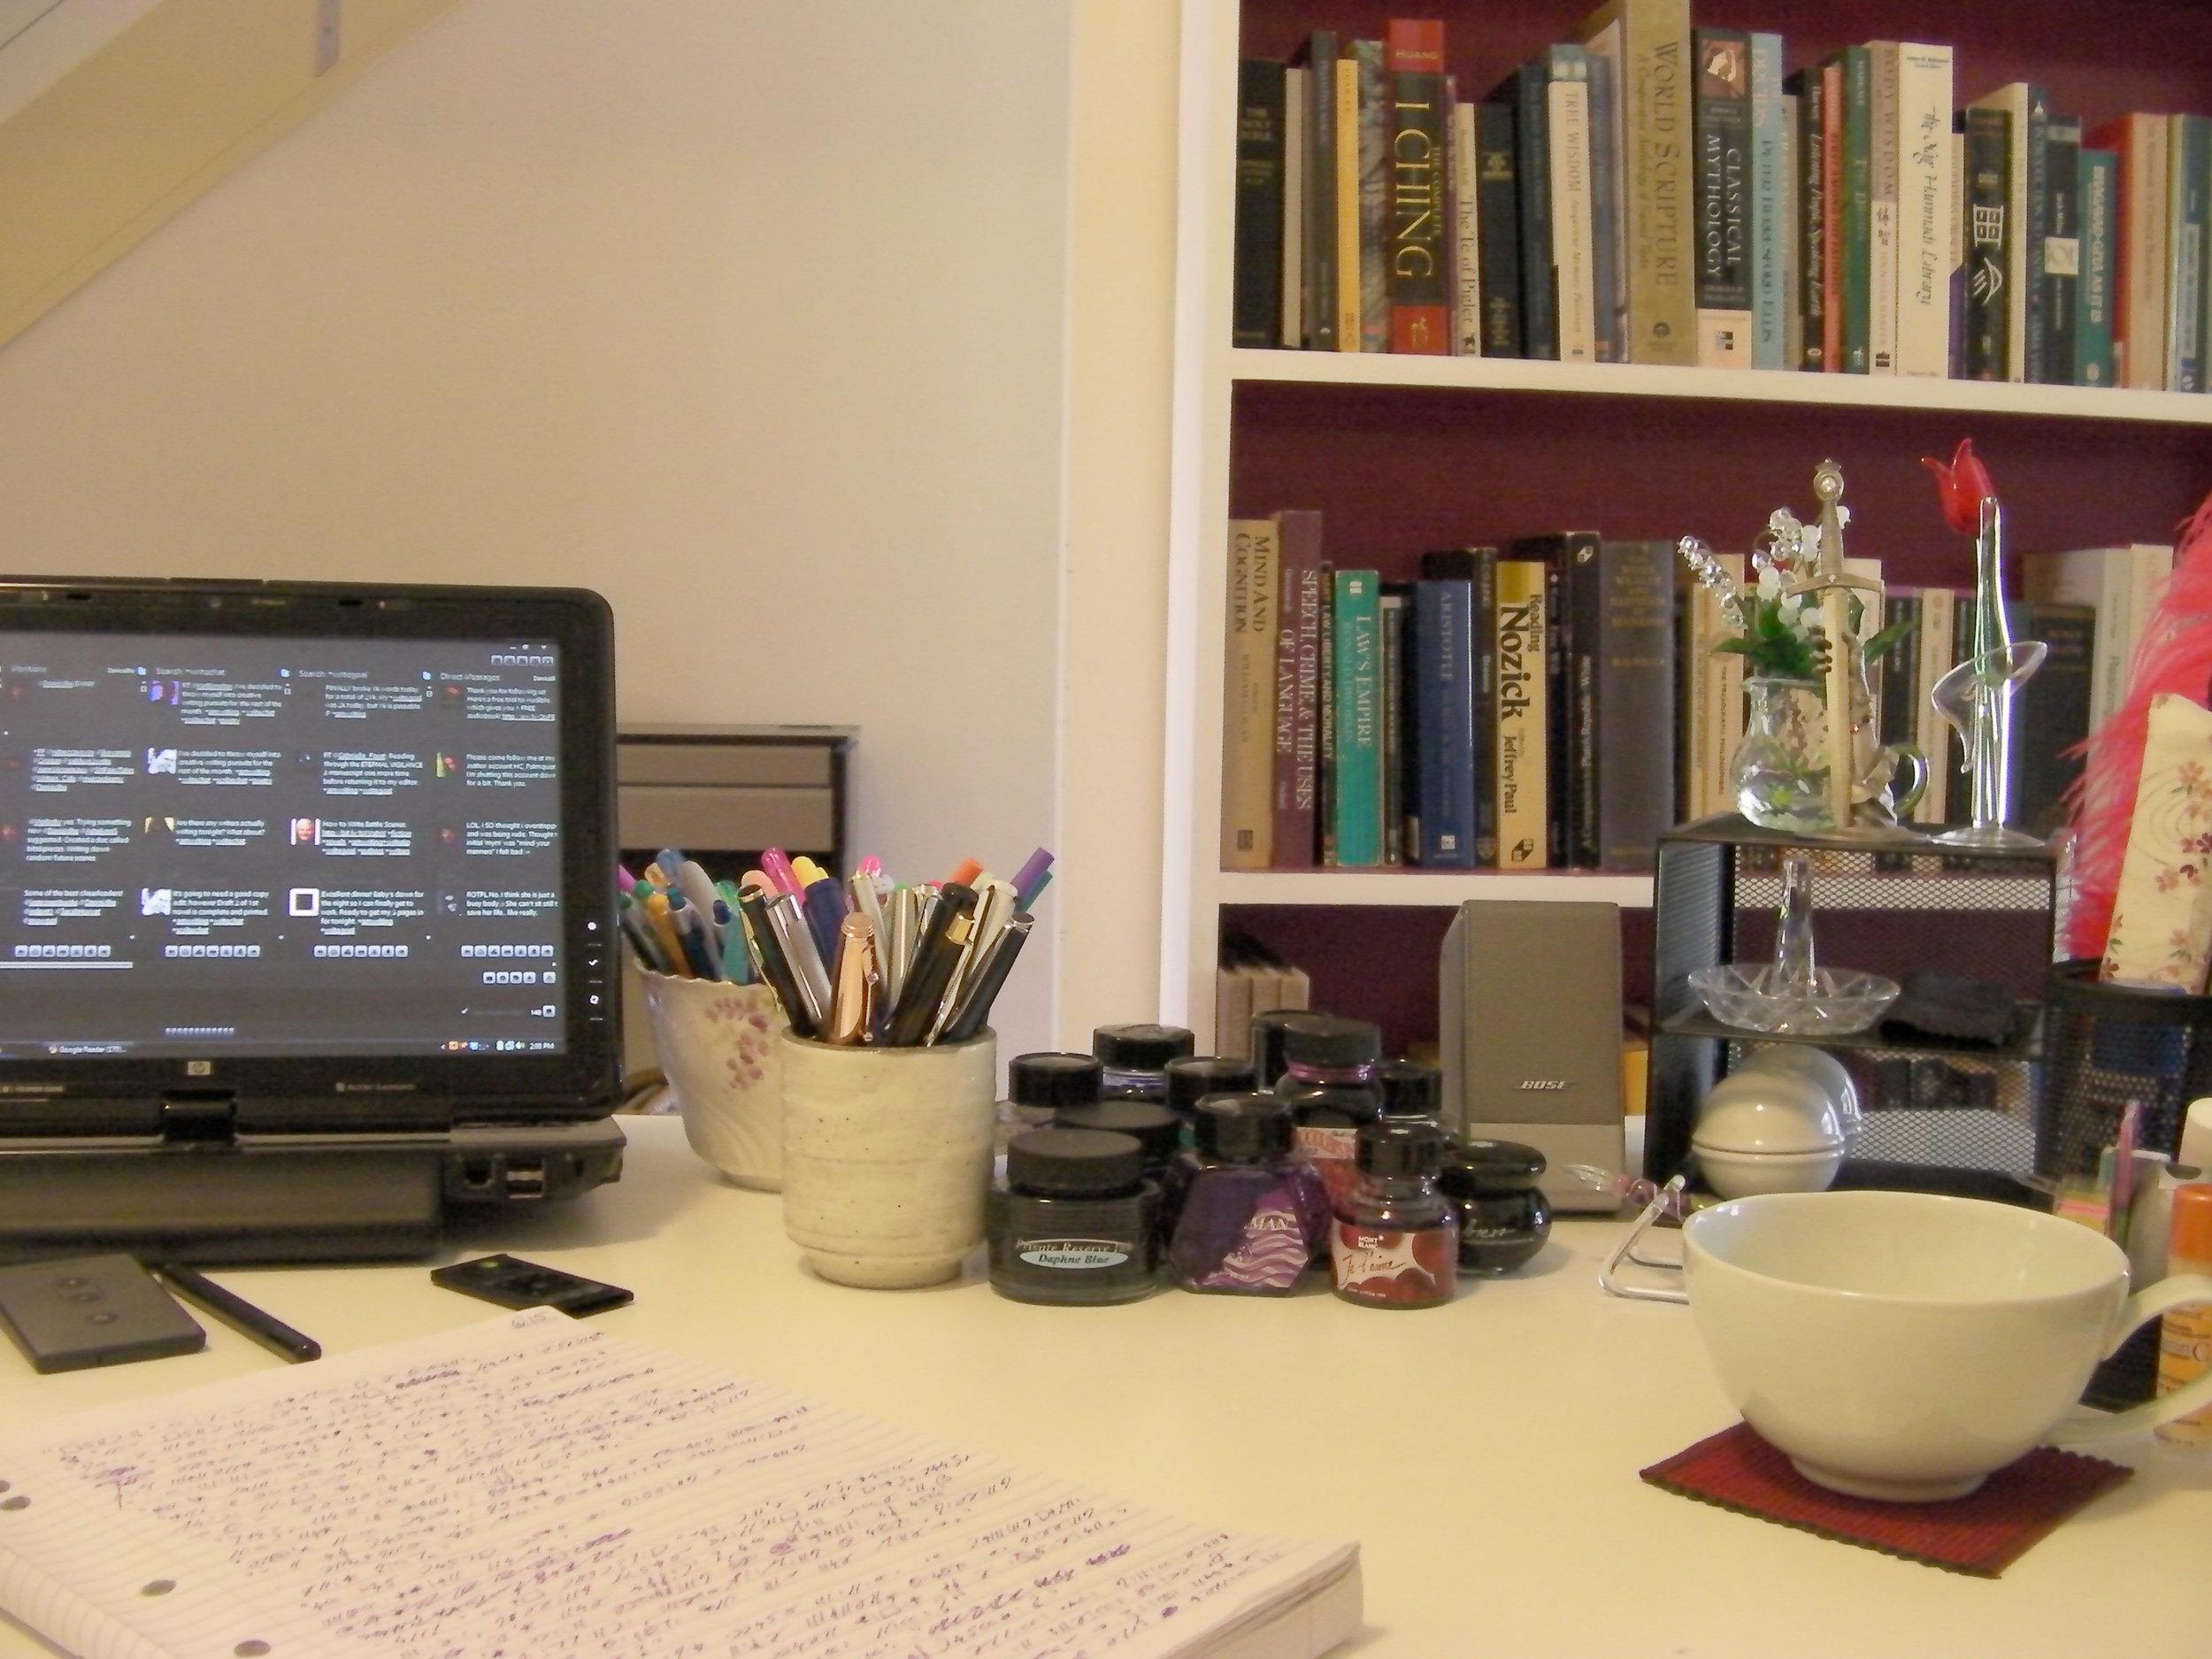 The low tech desk